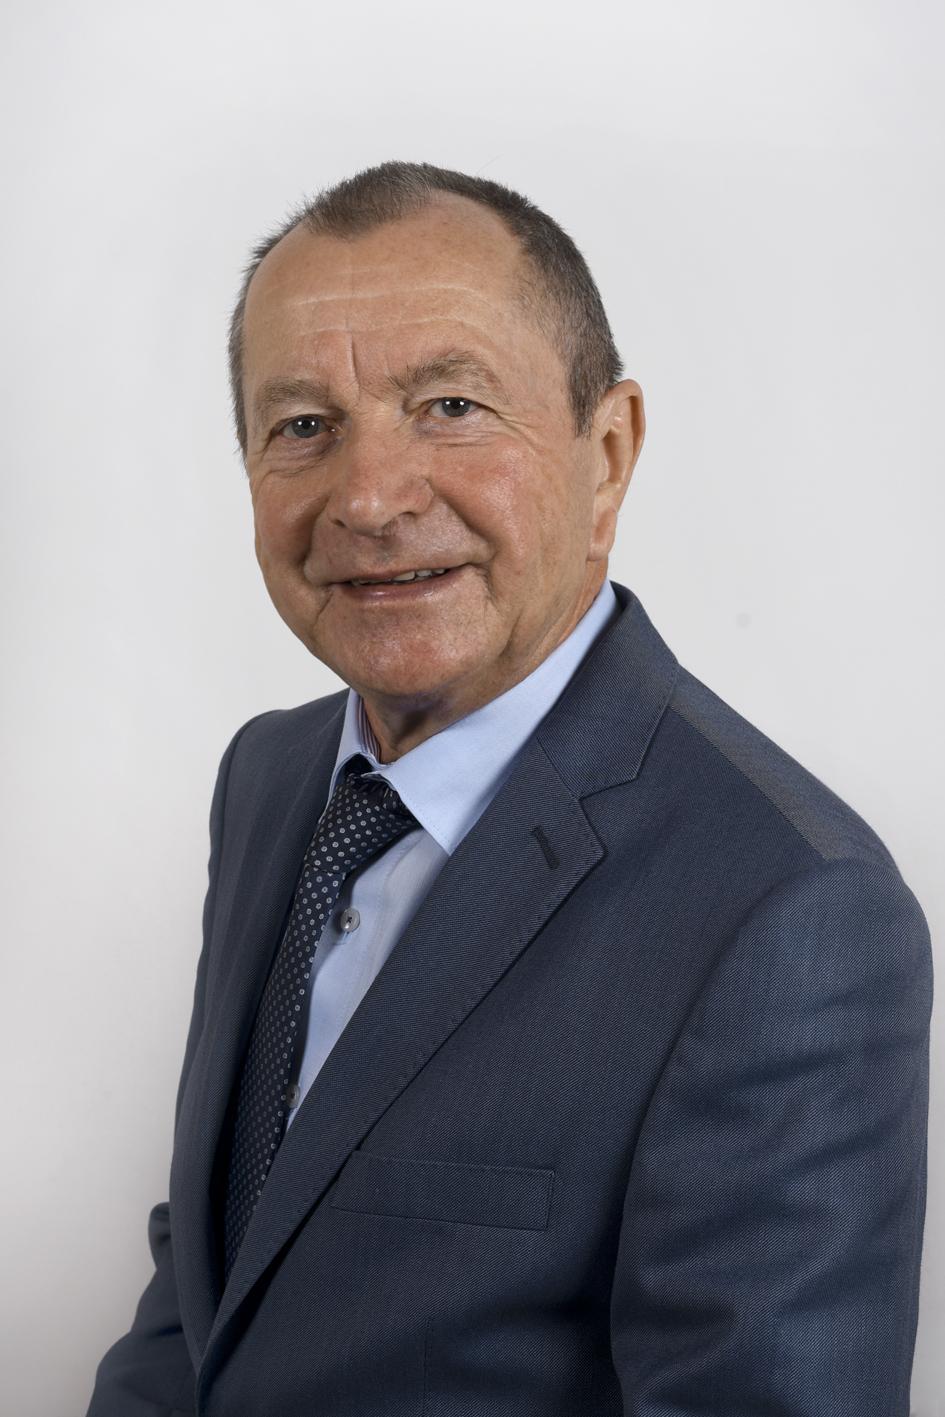 Ing. Herbert Stelzhammer